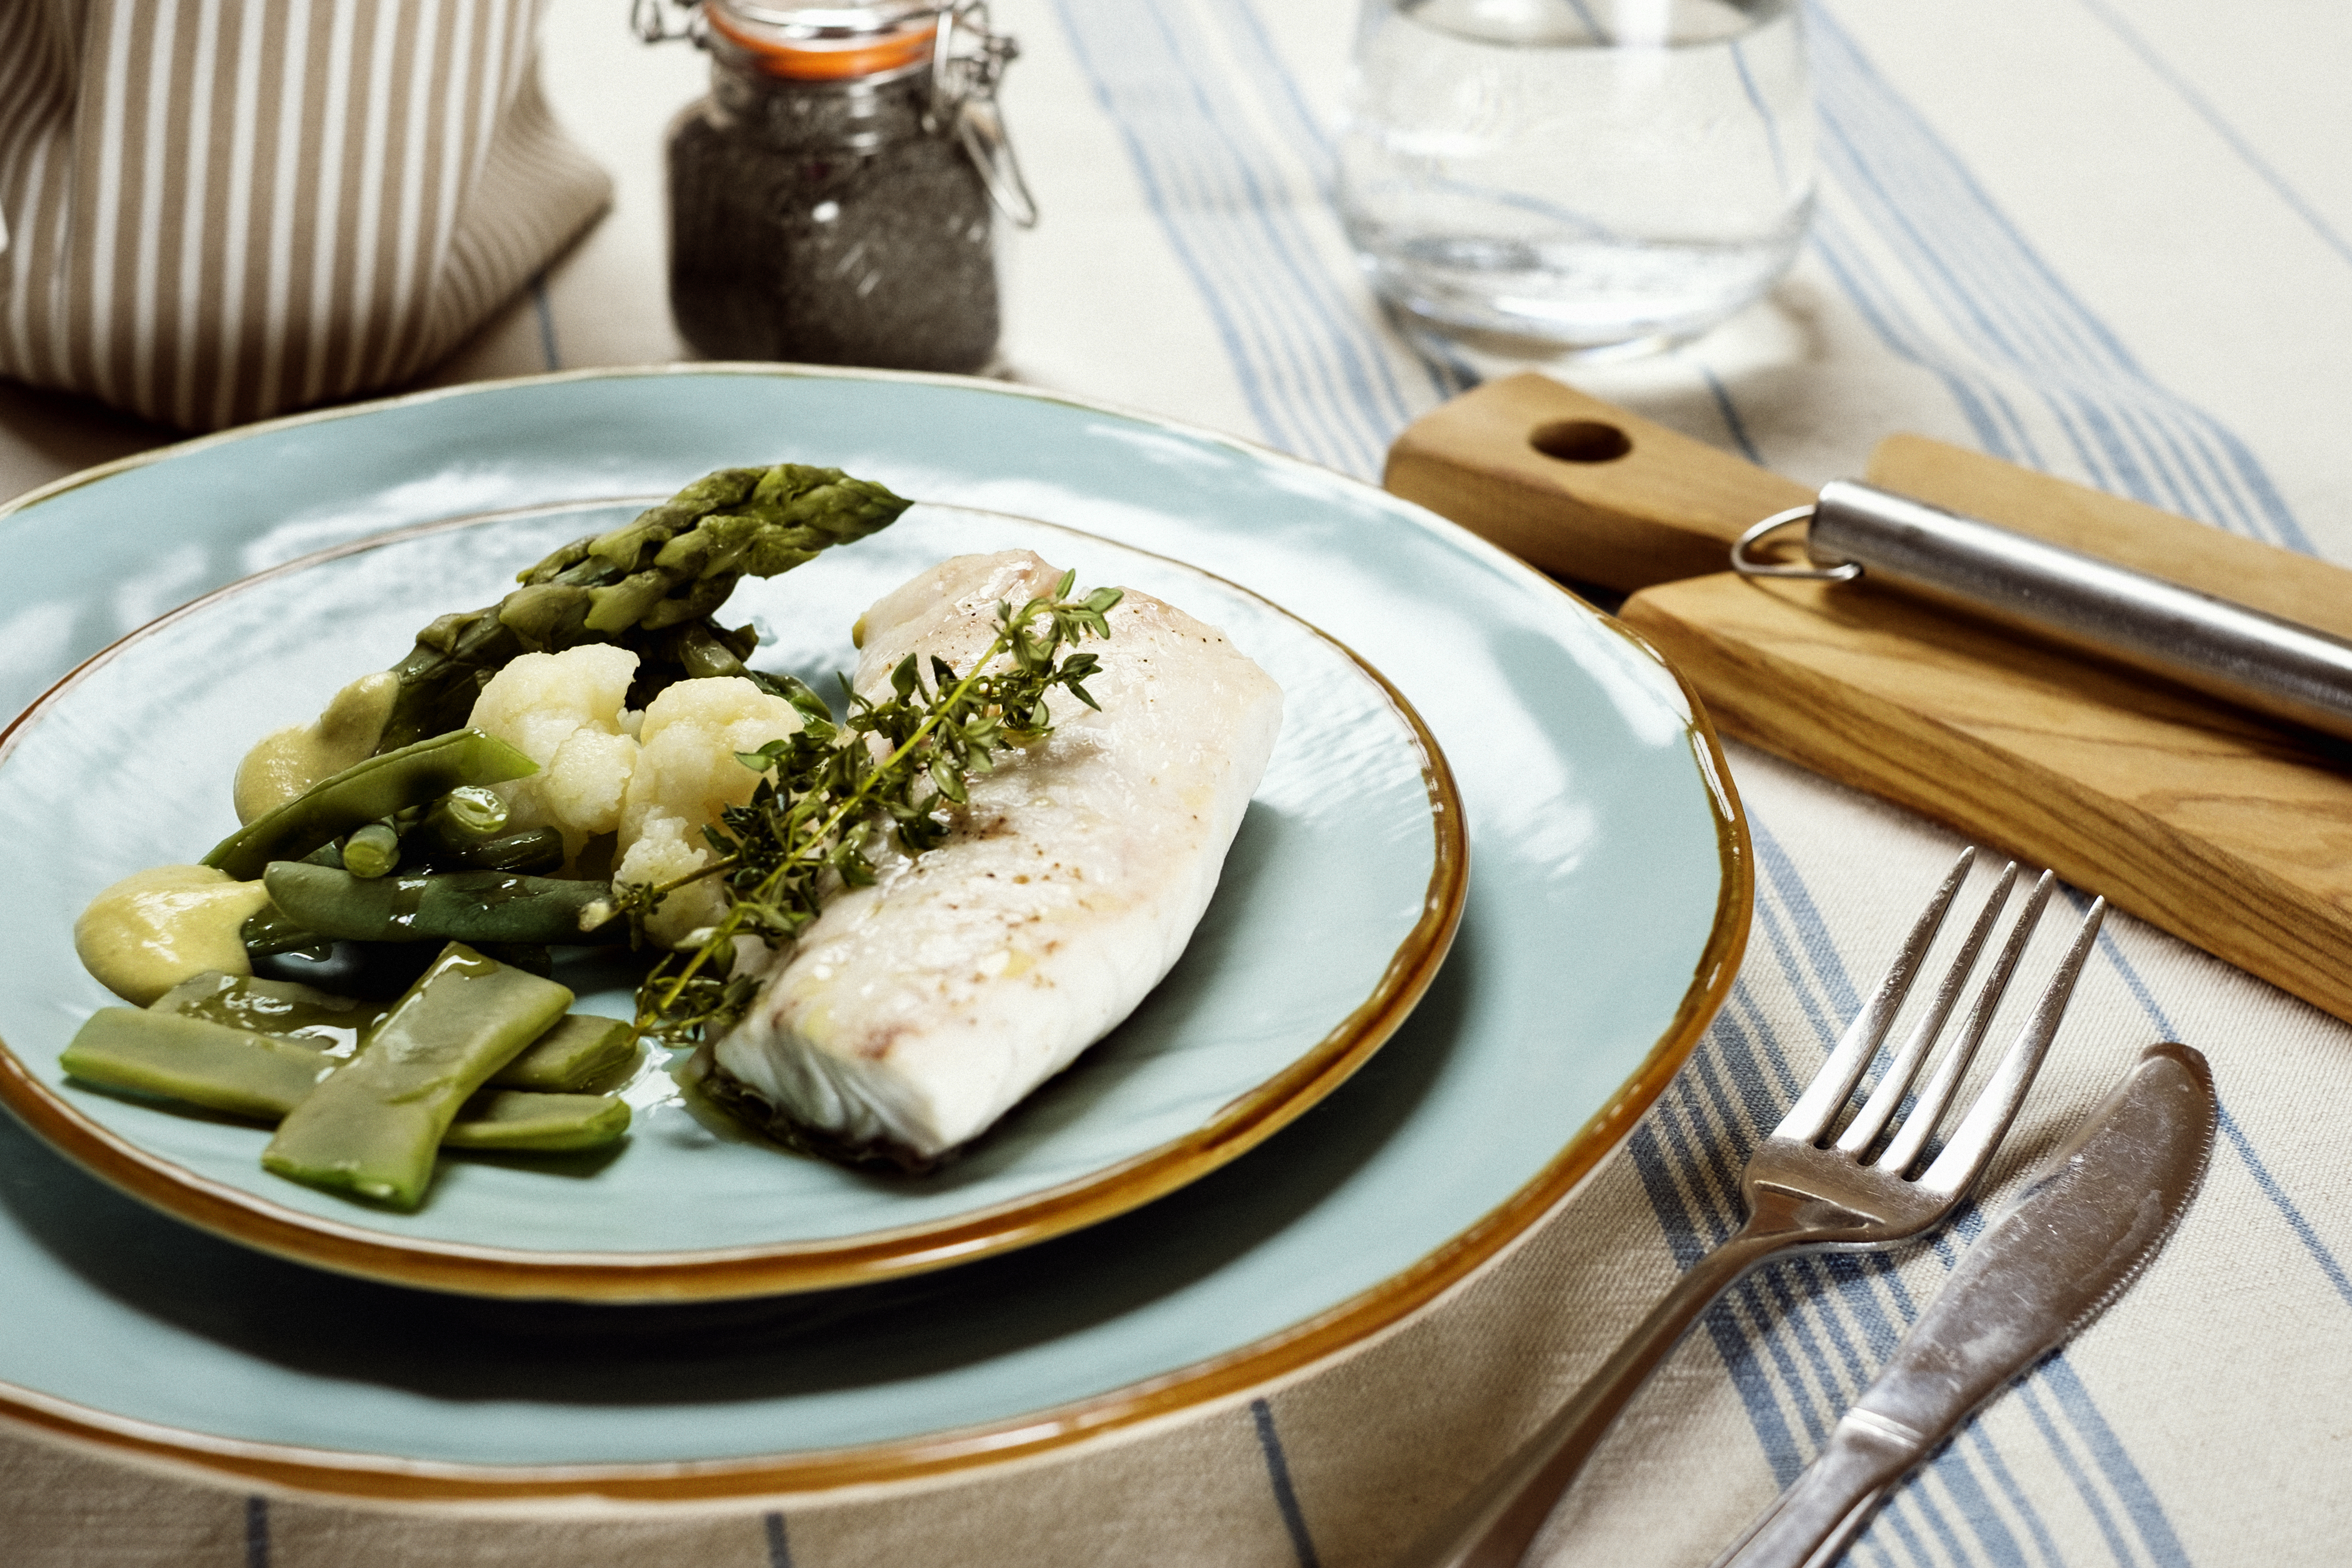 pescato del giorno e verdure al vapore